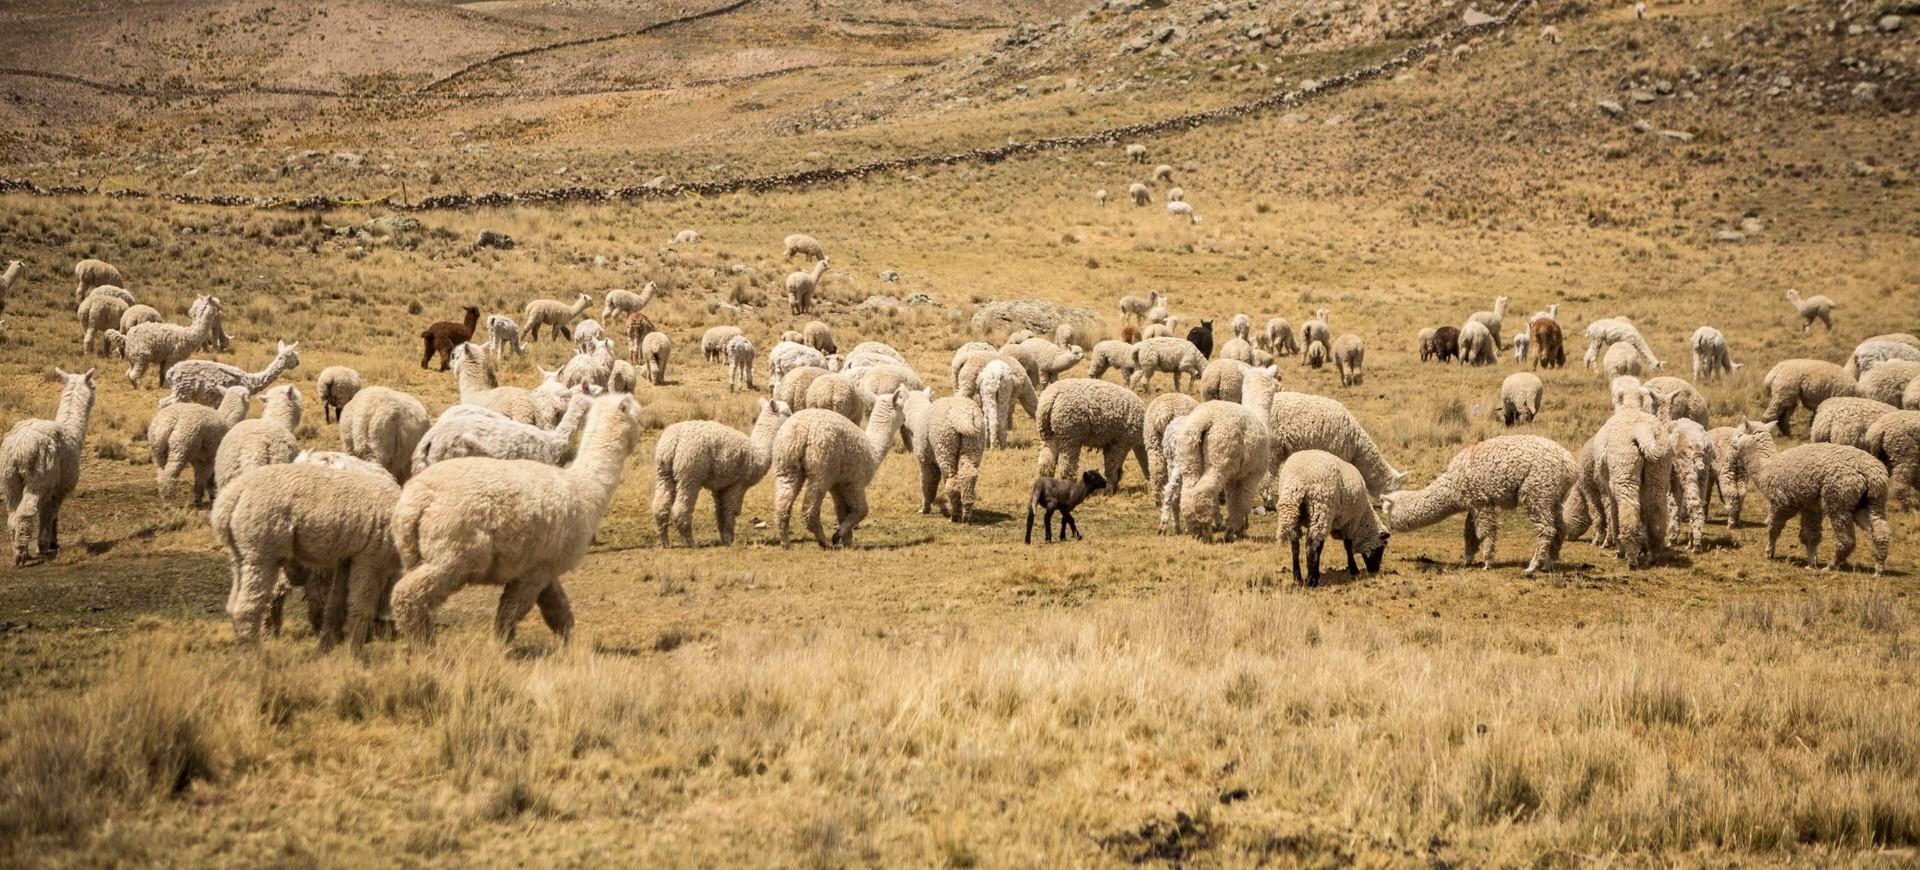 Un troupeau des Lamas à Chivay dans la Vlléee de Colca au Pérou